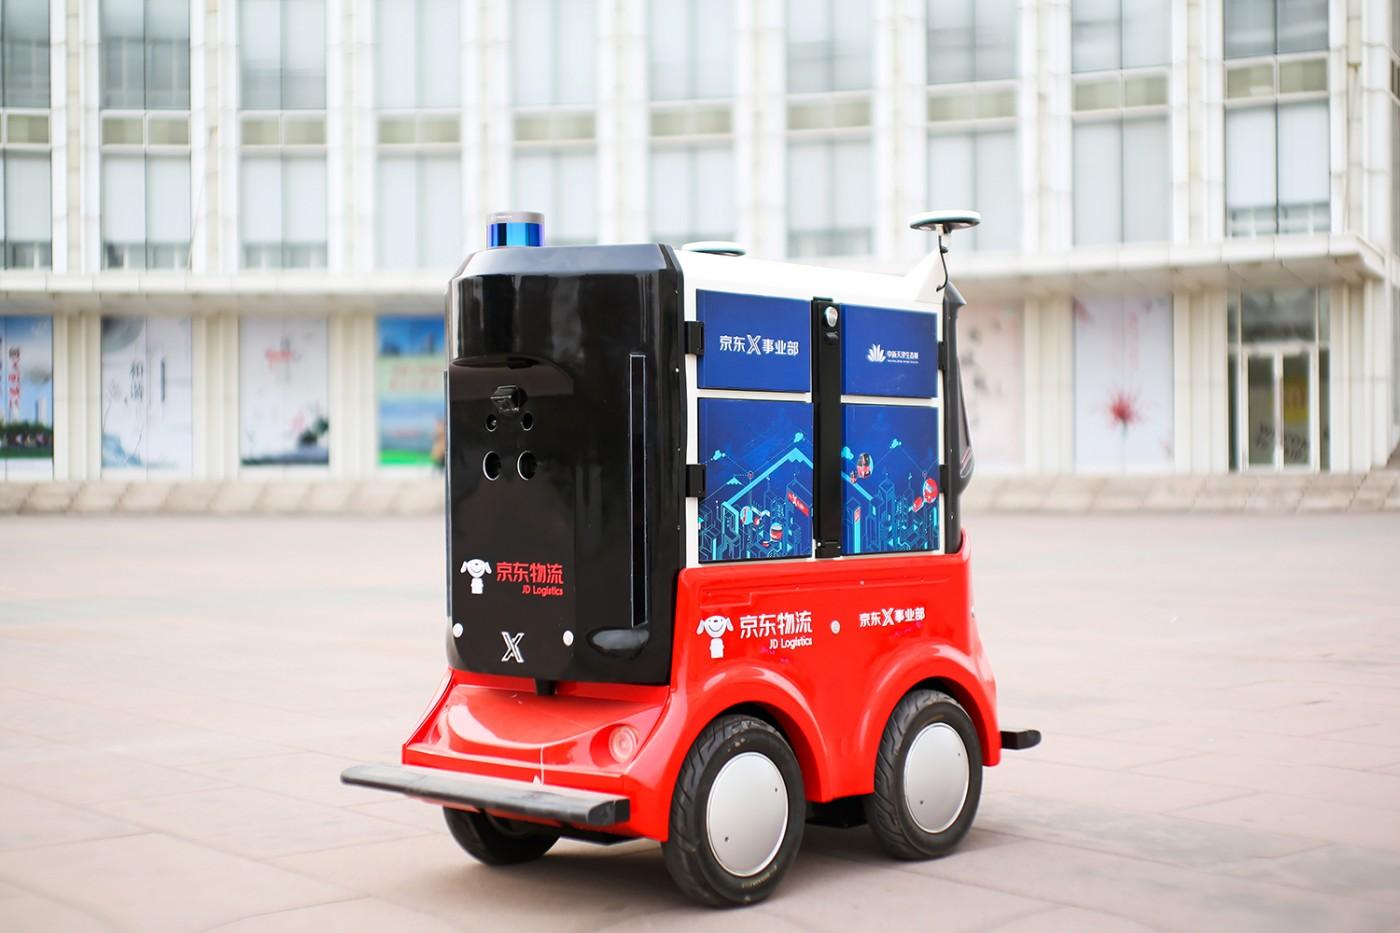 给人走的地图不稀奇,京东为机器人开发专属地图服务<p></p>京东无人配送机器人.JPG